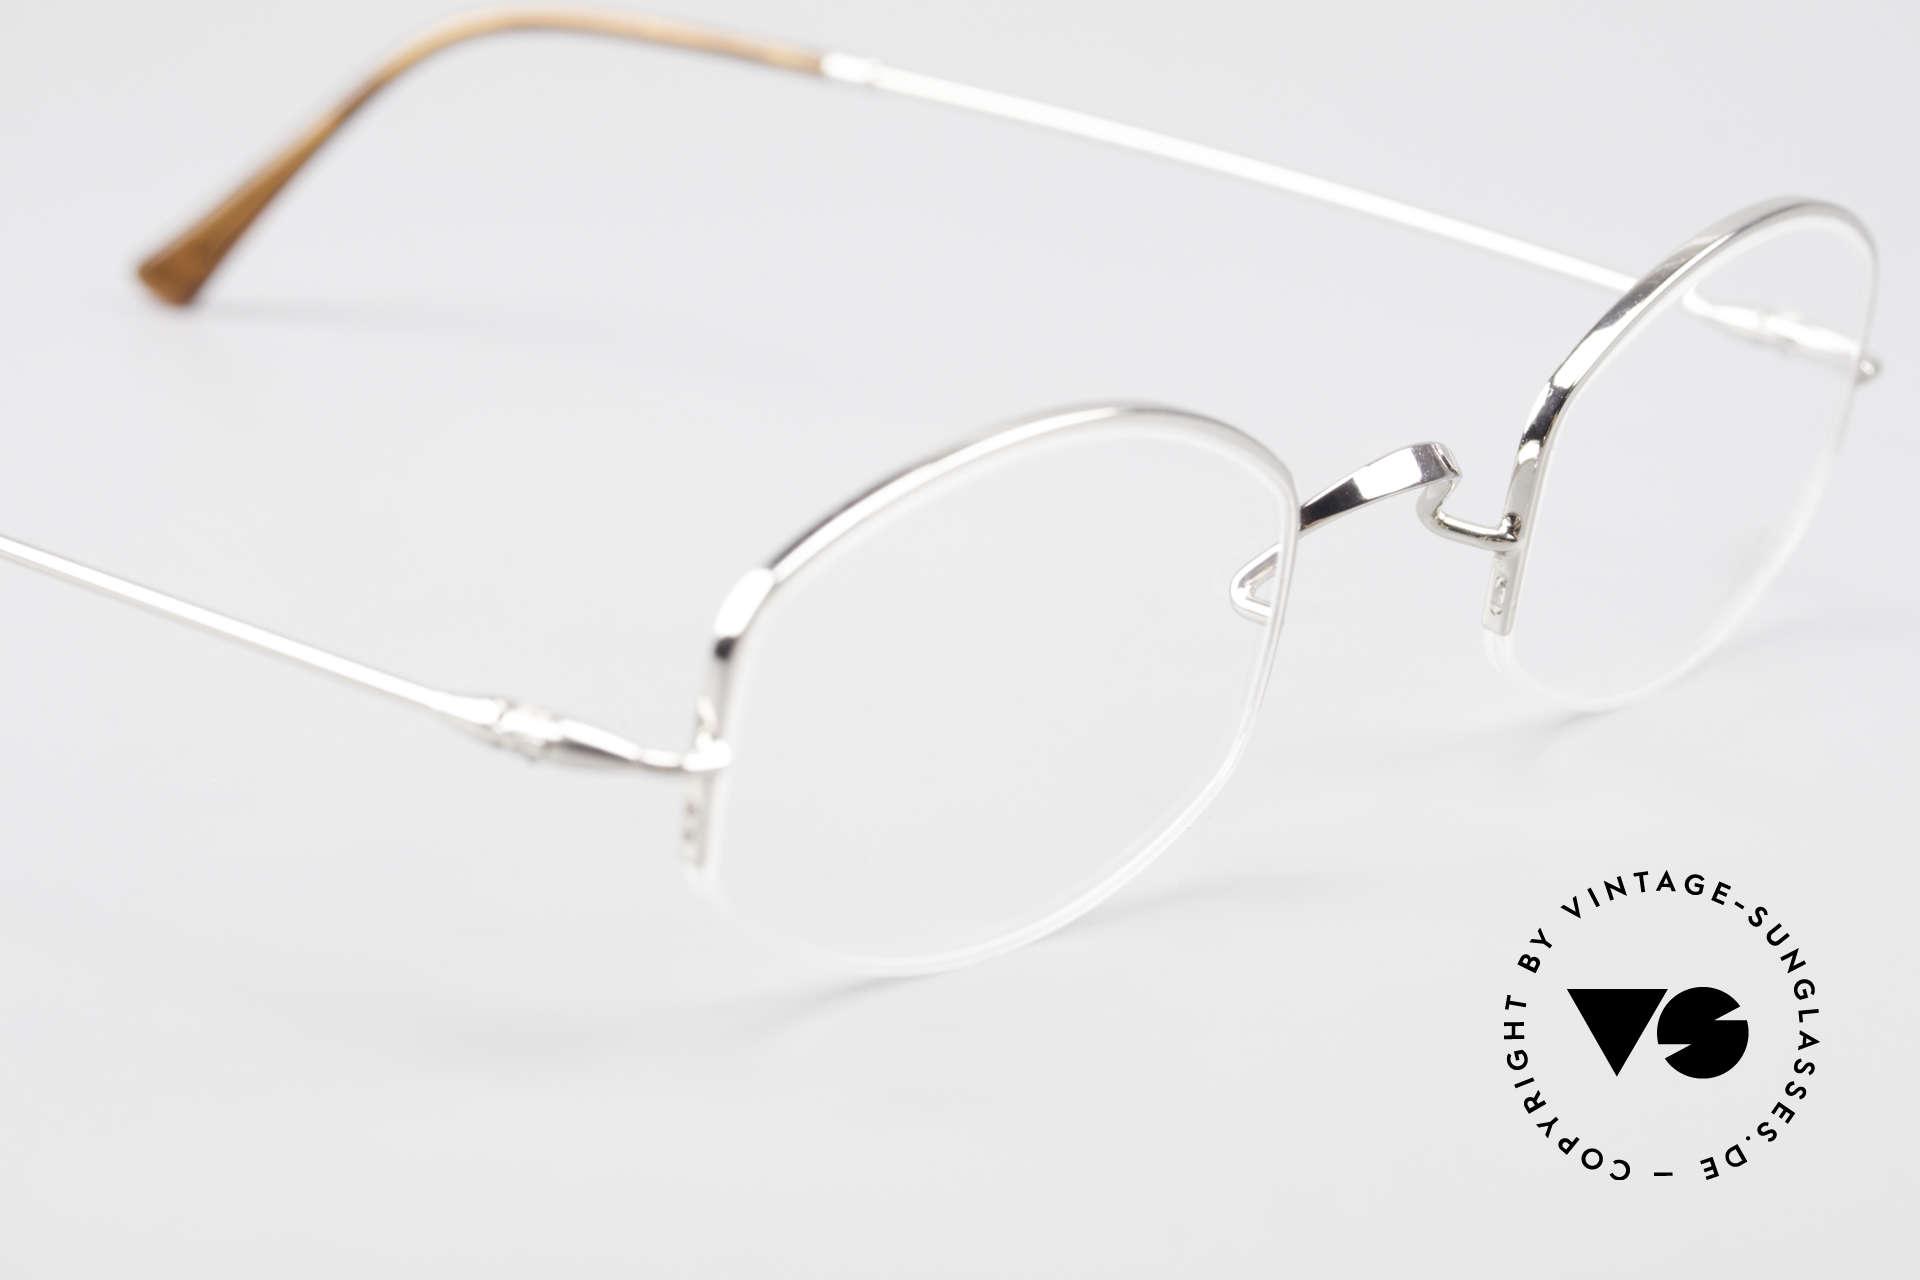 Lunor Classic Halb Randlose Vintage Brille, altes, ungetragenes LUNOR Einzelstück von ca. 1999, Passend für Herren und Damen